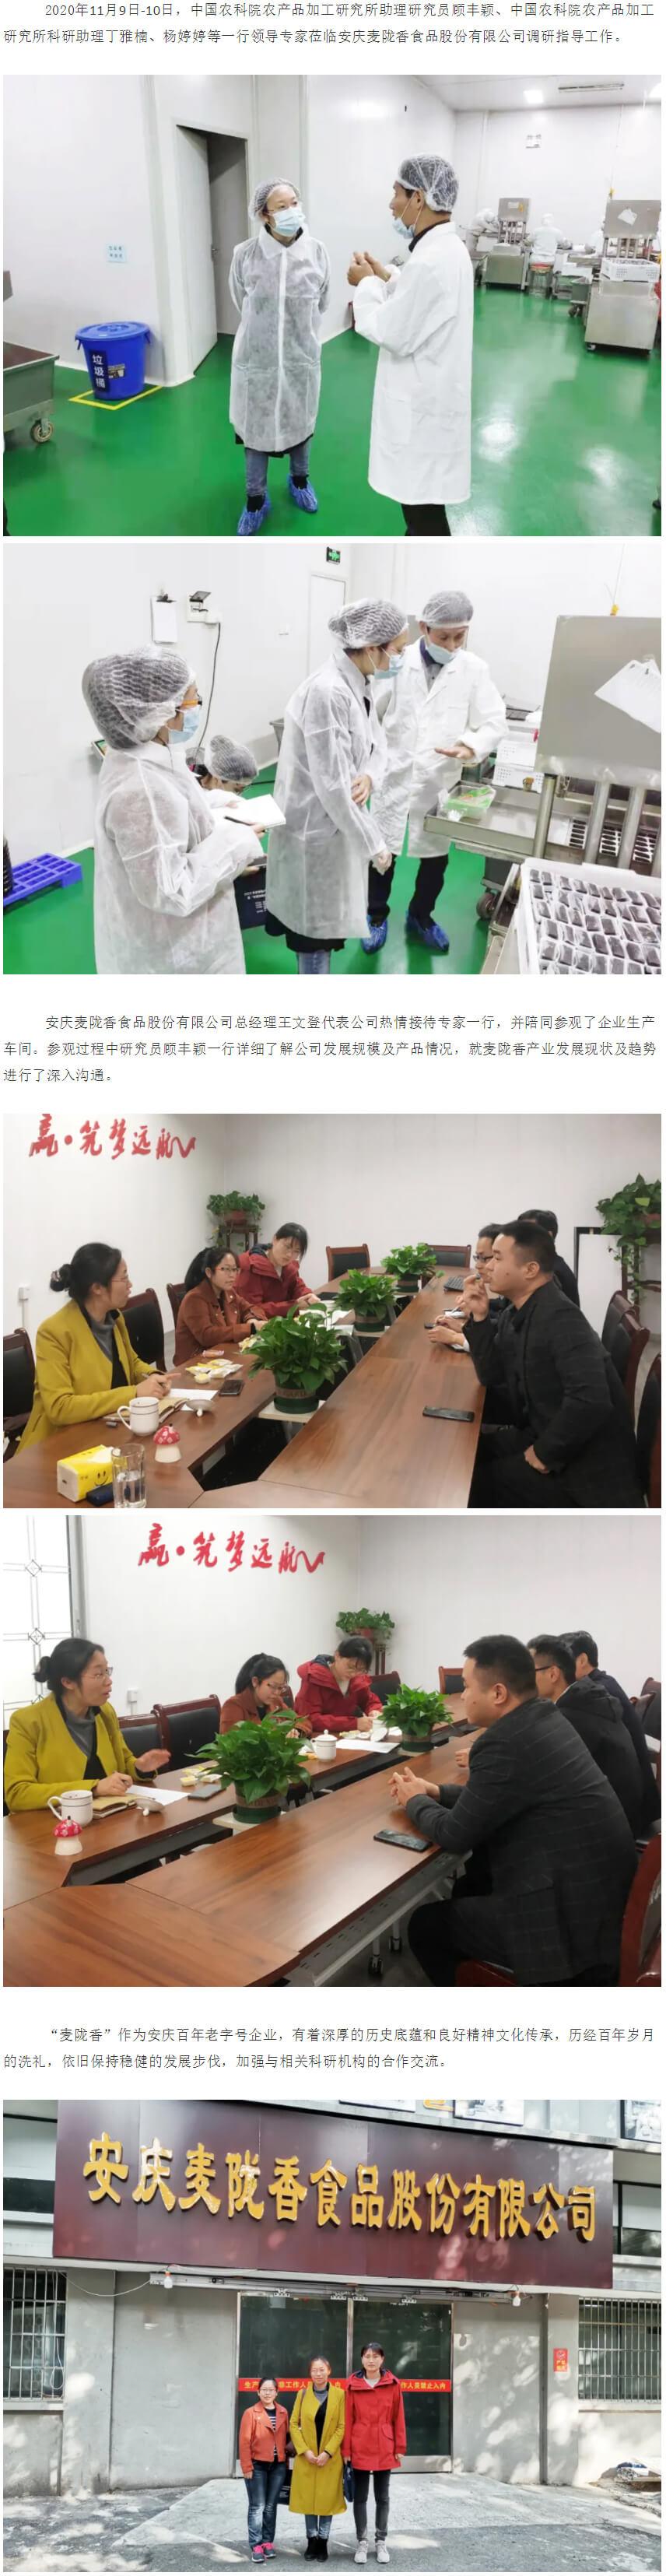 中国农科院农产品加工研究所一行专家莅临麦陇香调研指导工作